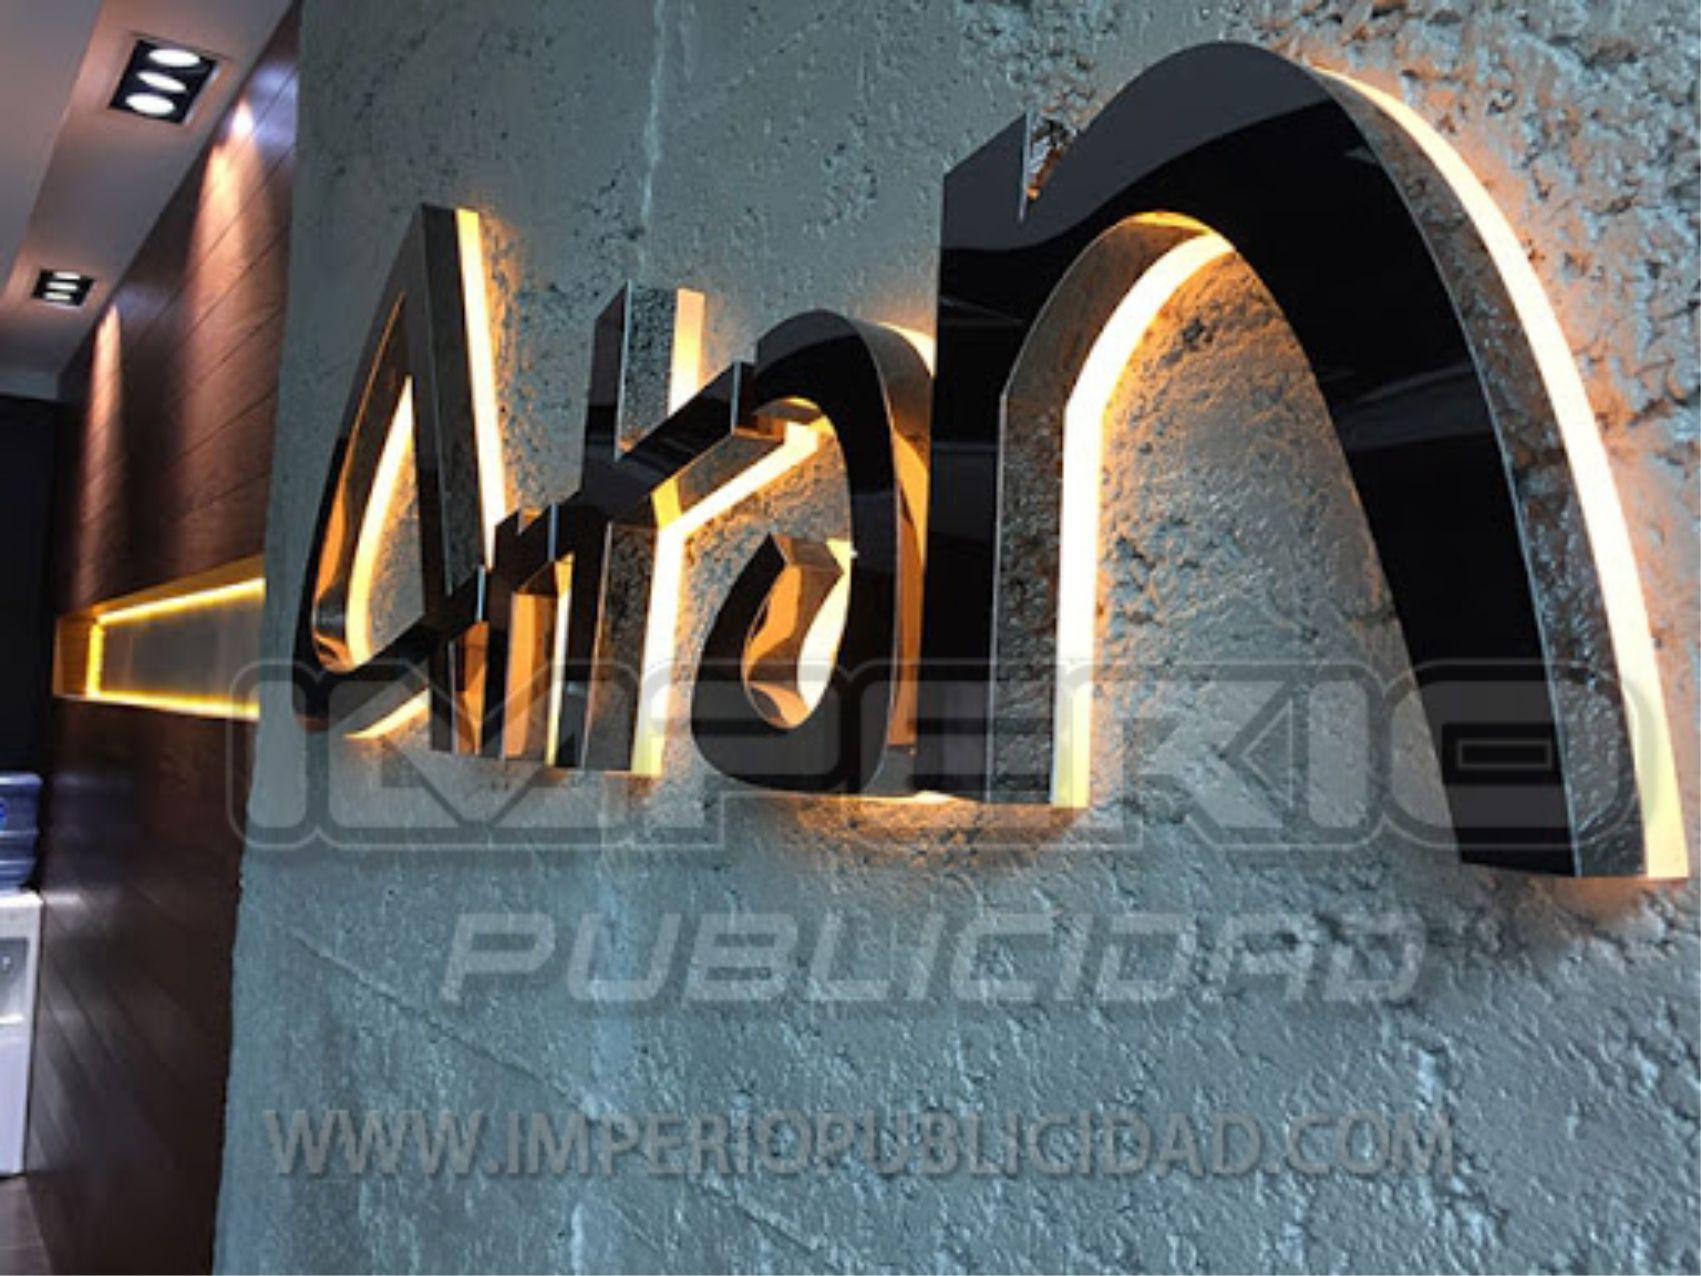 Letras de acero inoxidable iluminadas